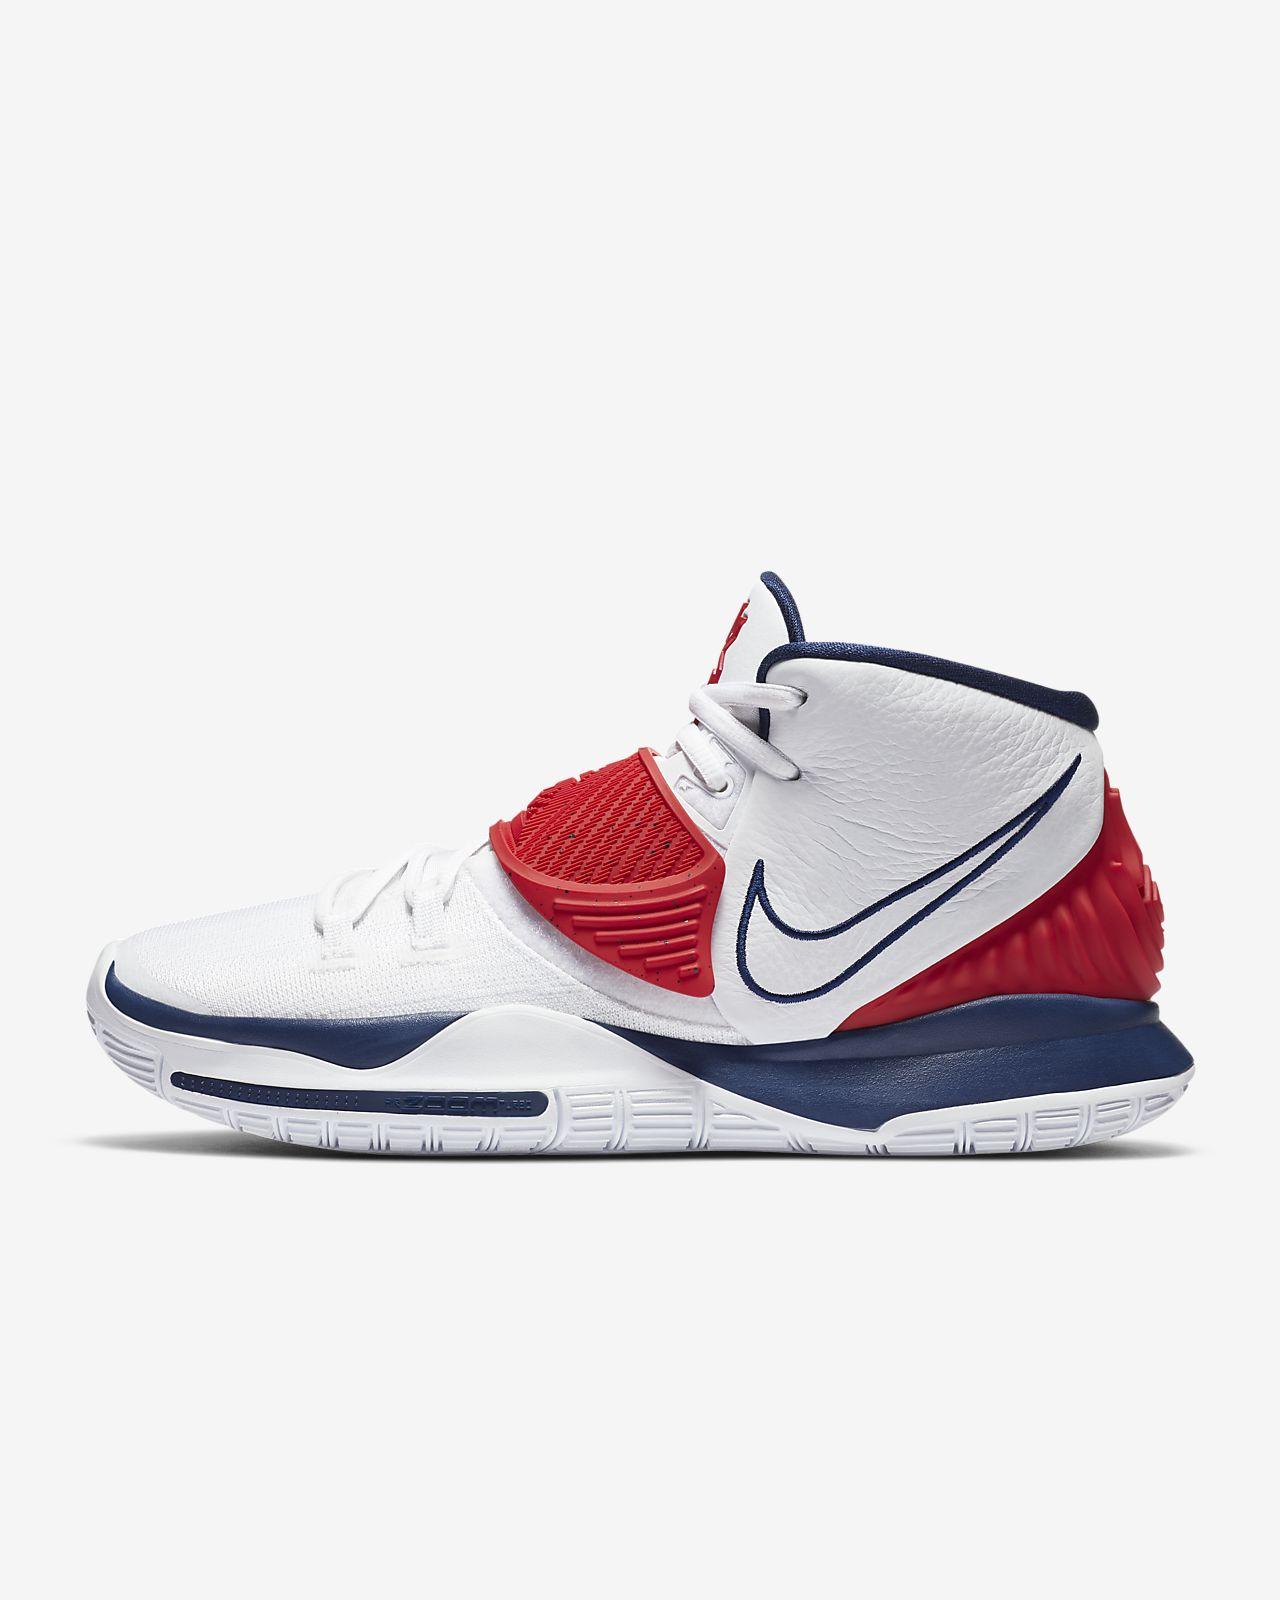 Kyrie 6 Basketbalschoen